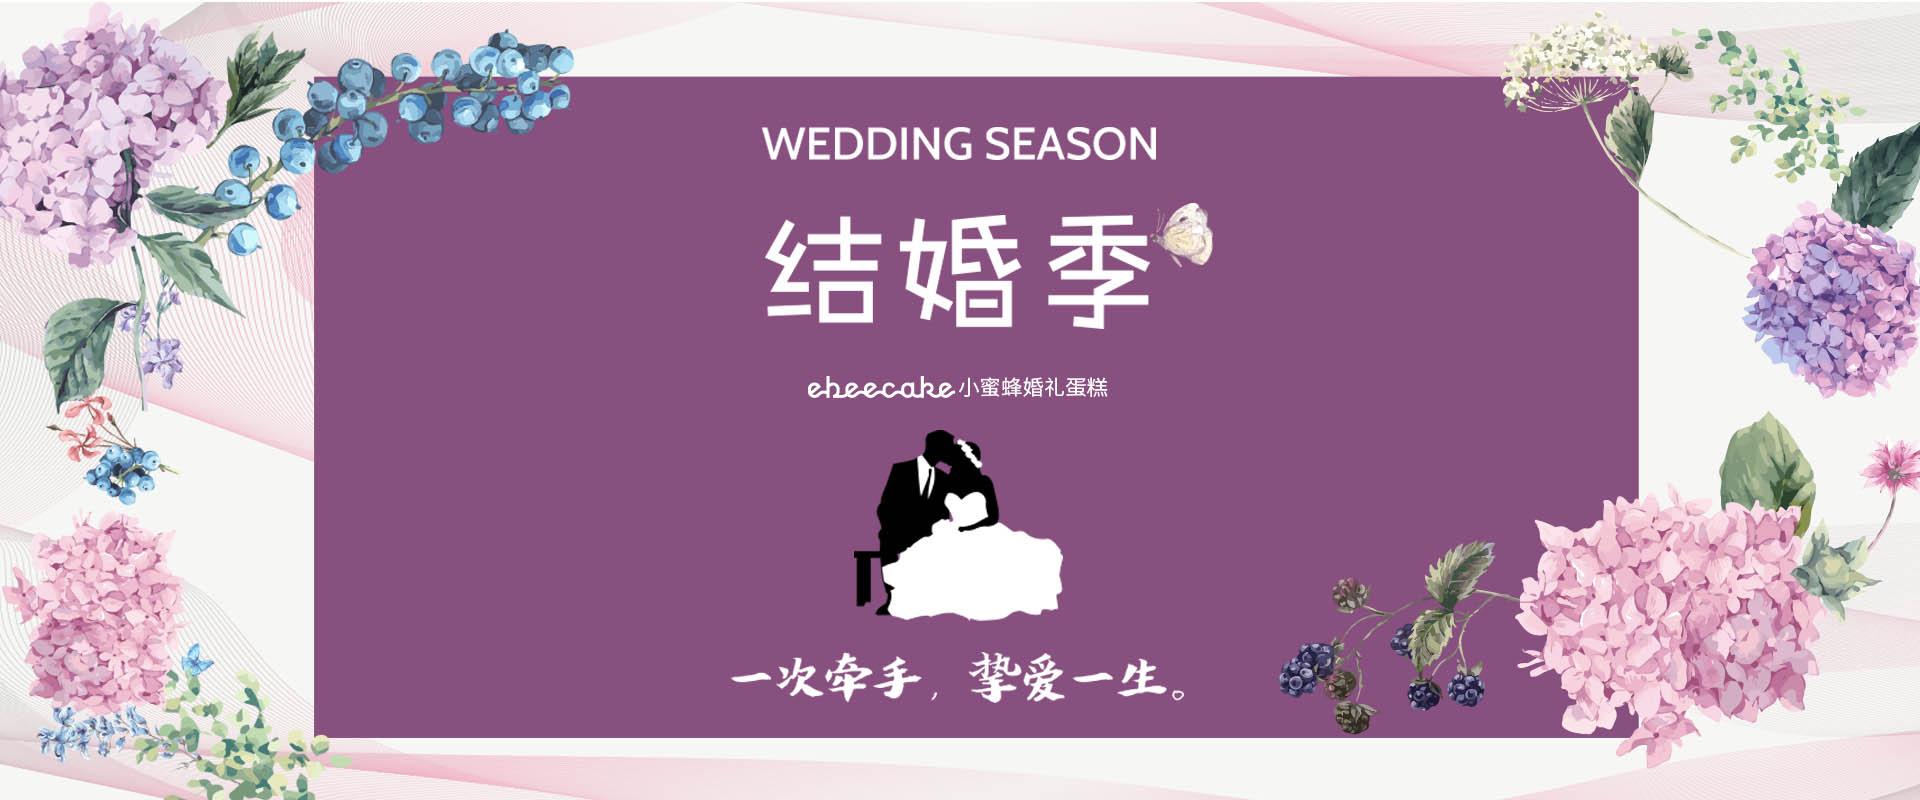 婚礼蛋糕定制 结婚季 ebeecake小蜜蜂蛋糕